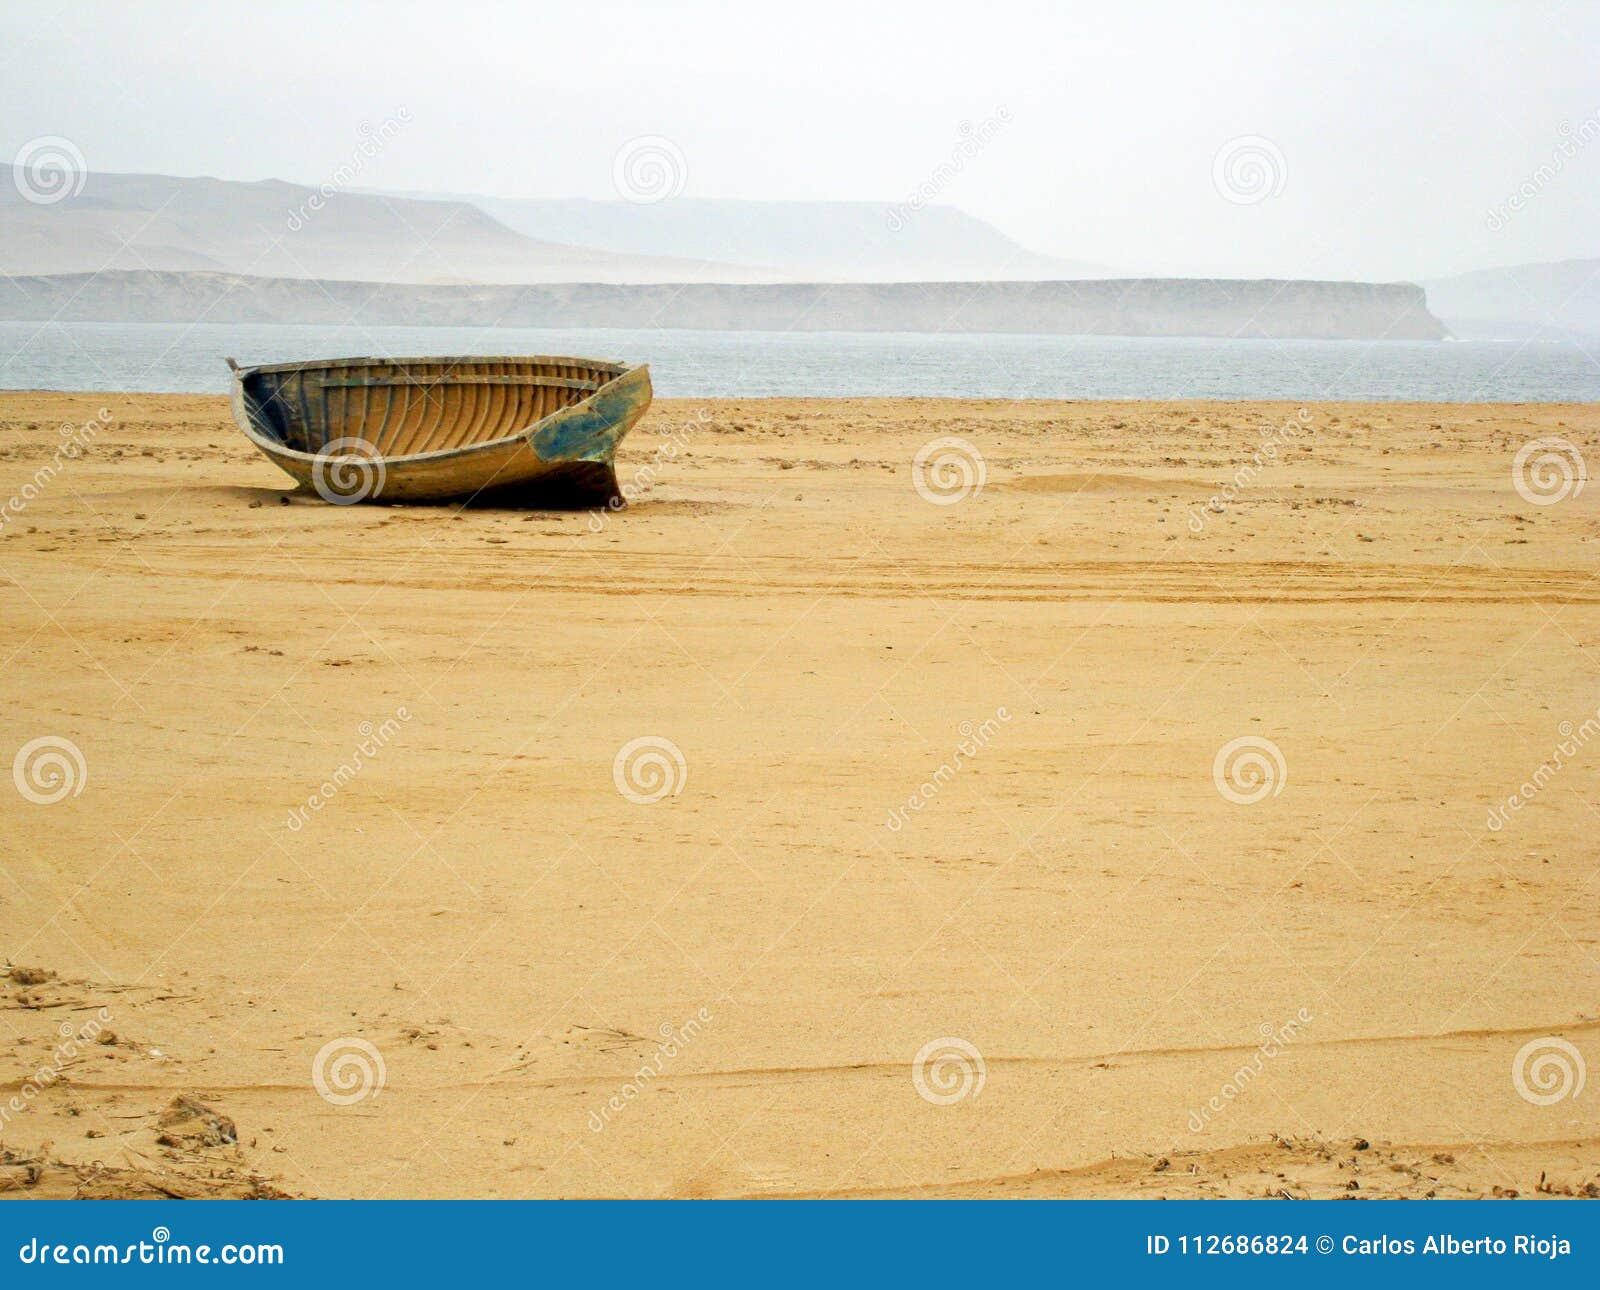 Barco no meio do deserto